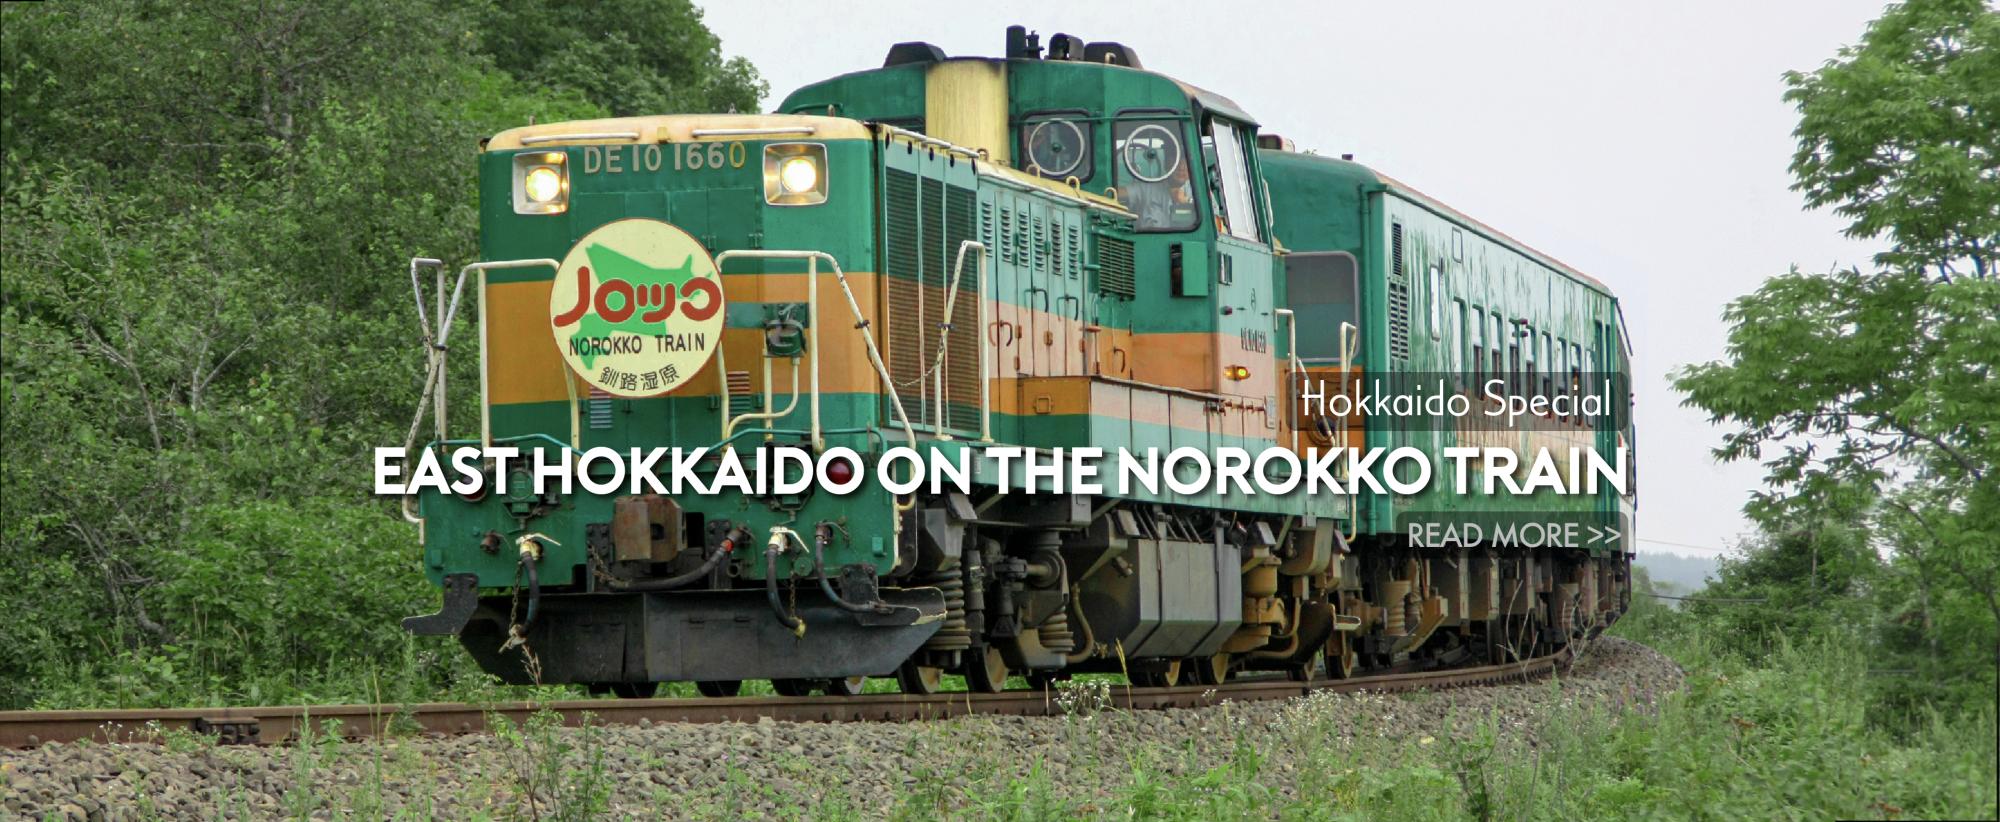 Hokkaido: Norokko